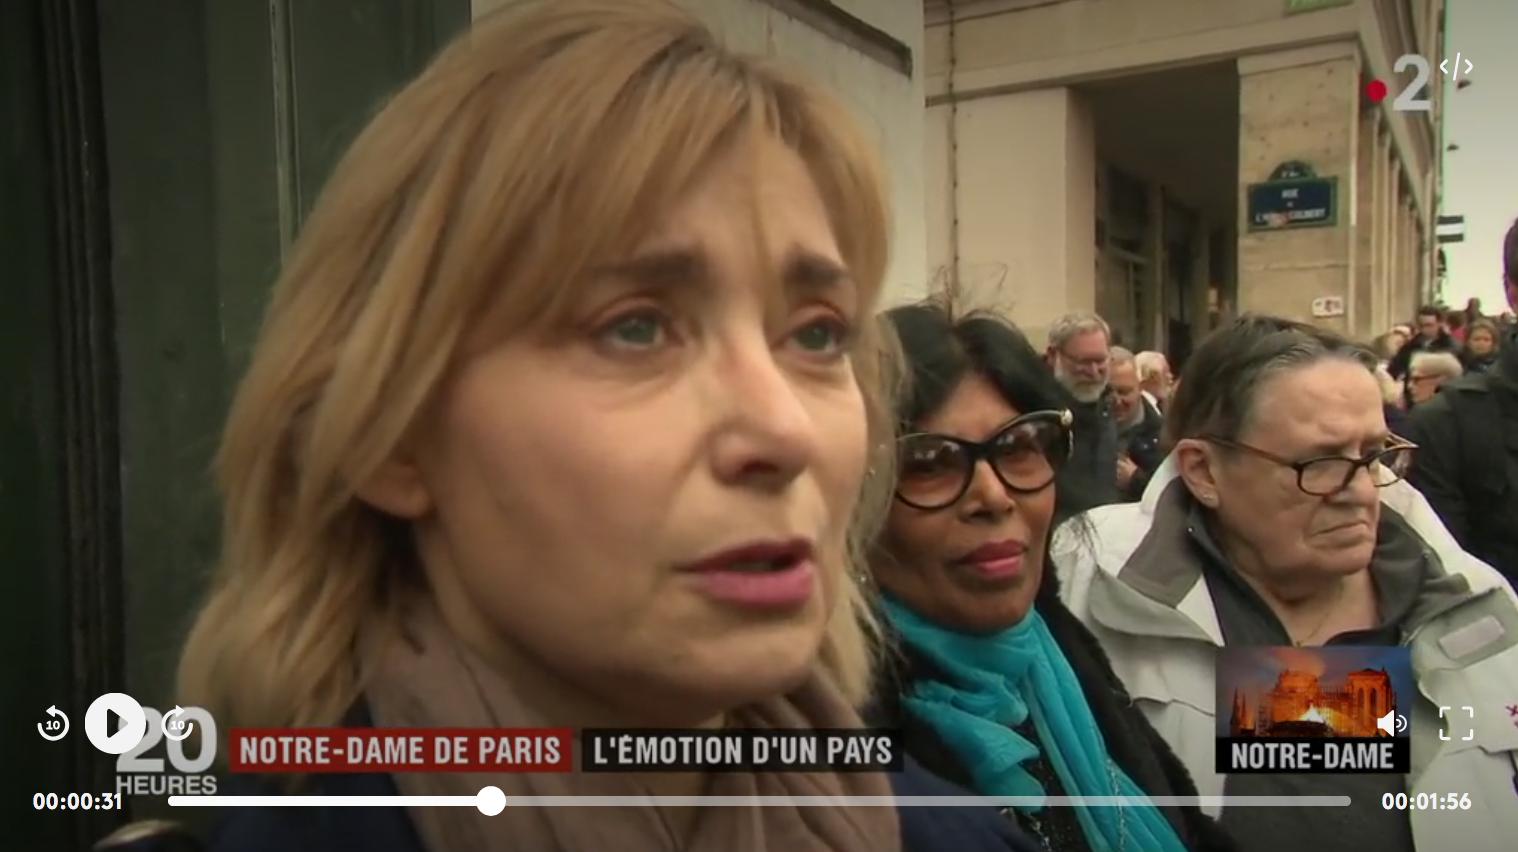 Incendie de Notre-Dame de Paris : l'émotion a traversé toute la France (VIDÉO)